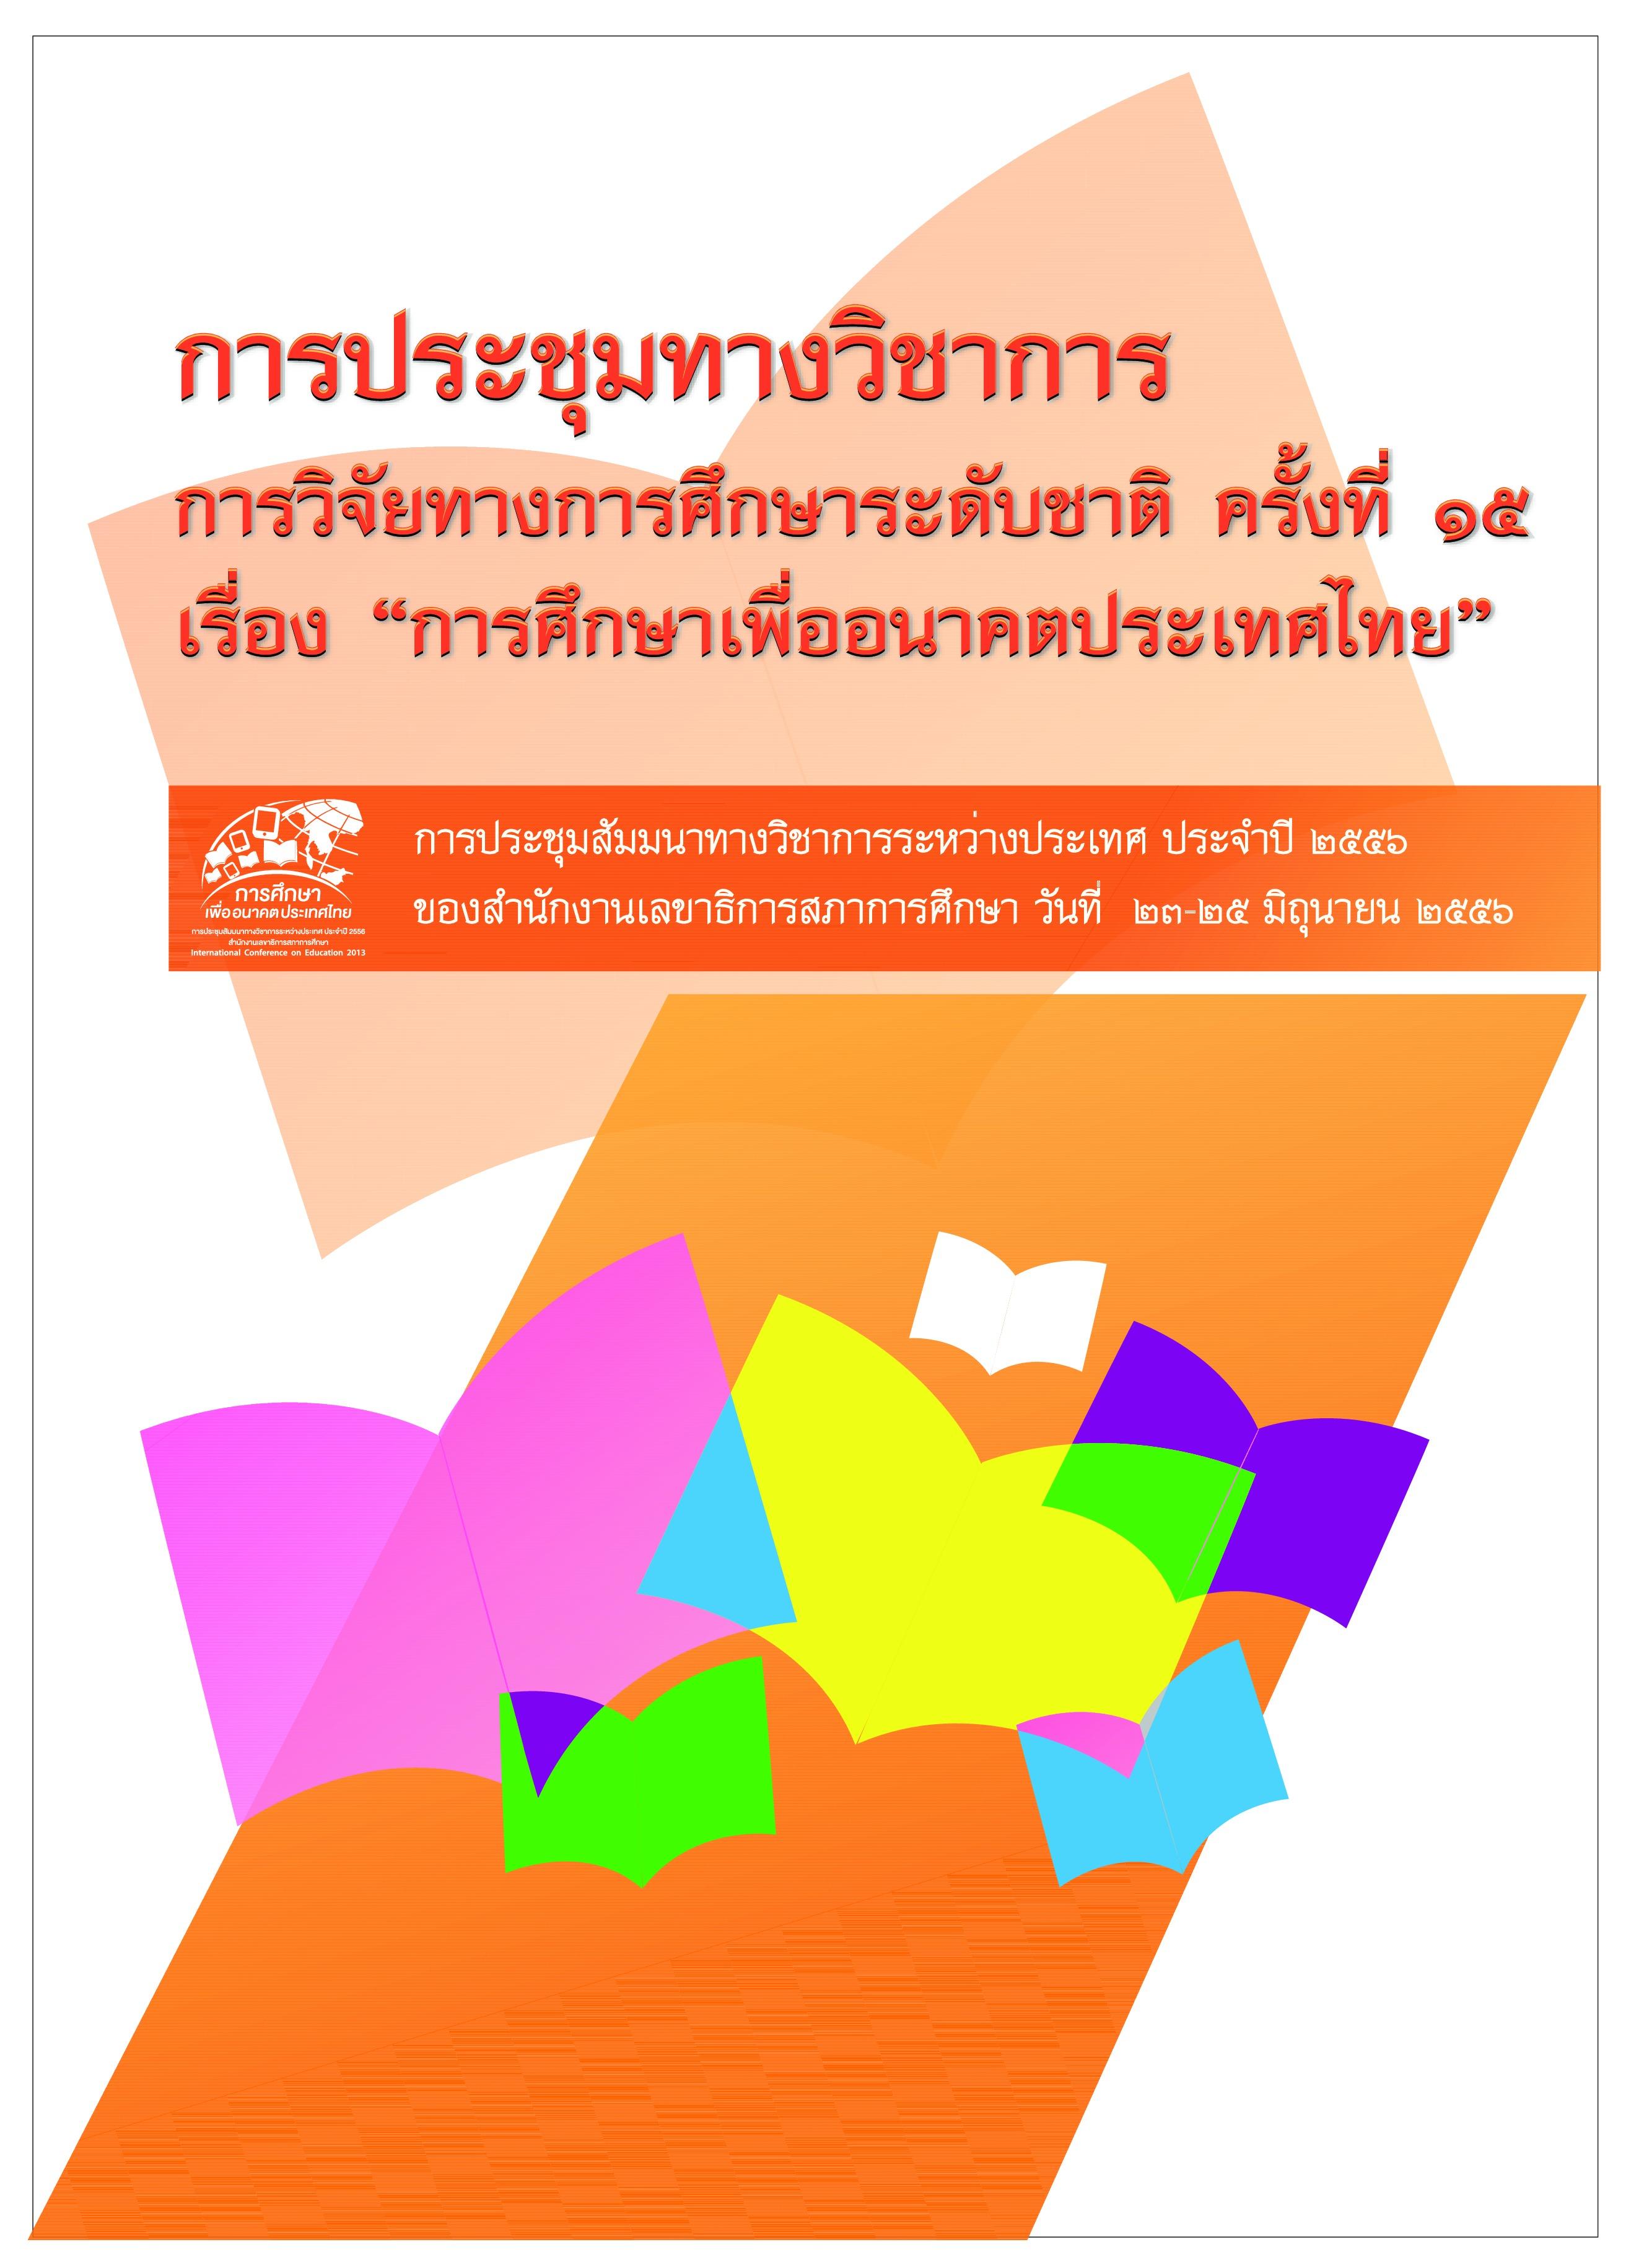 การพัฒนาทักษะด้านการฟัง การพูด ภาษาไทย สำหรับนักเรียนเชื้อสายจีนยูนนาน ระดับปฐมวัย โรงเรียนบ้านใหม่หนองบัว ด้วยกระบวนการทวิภาษา